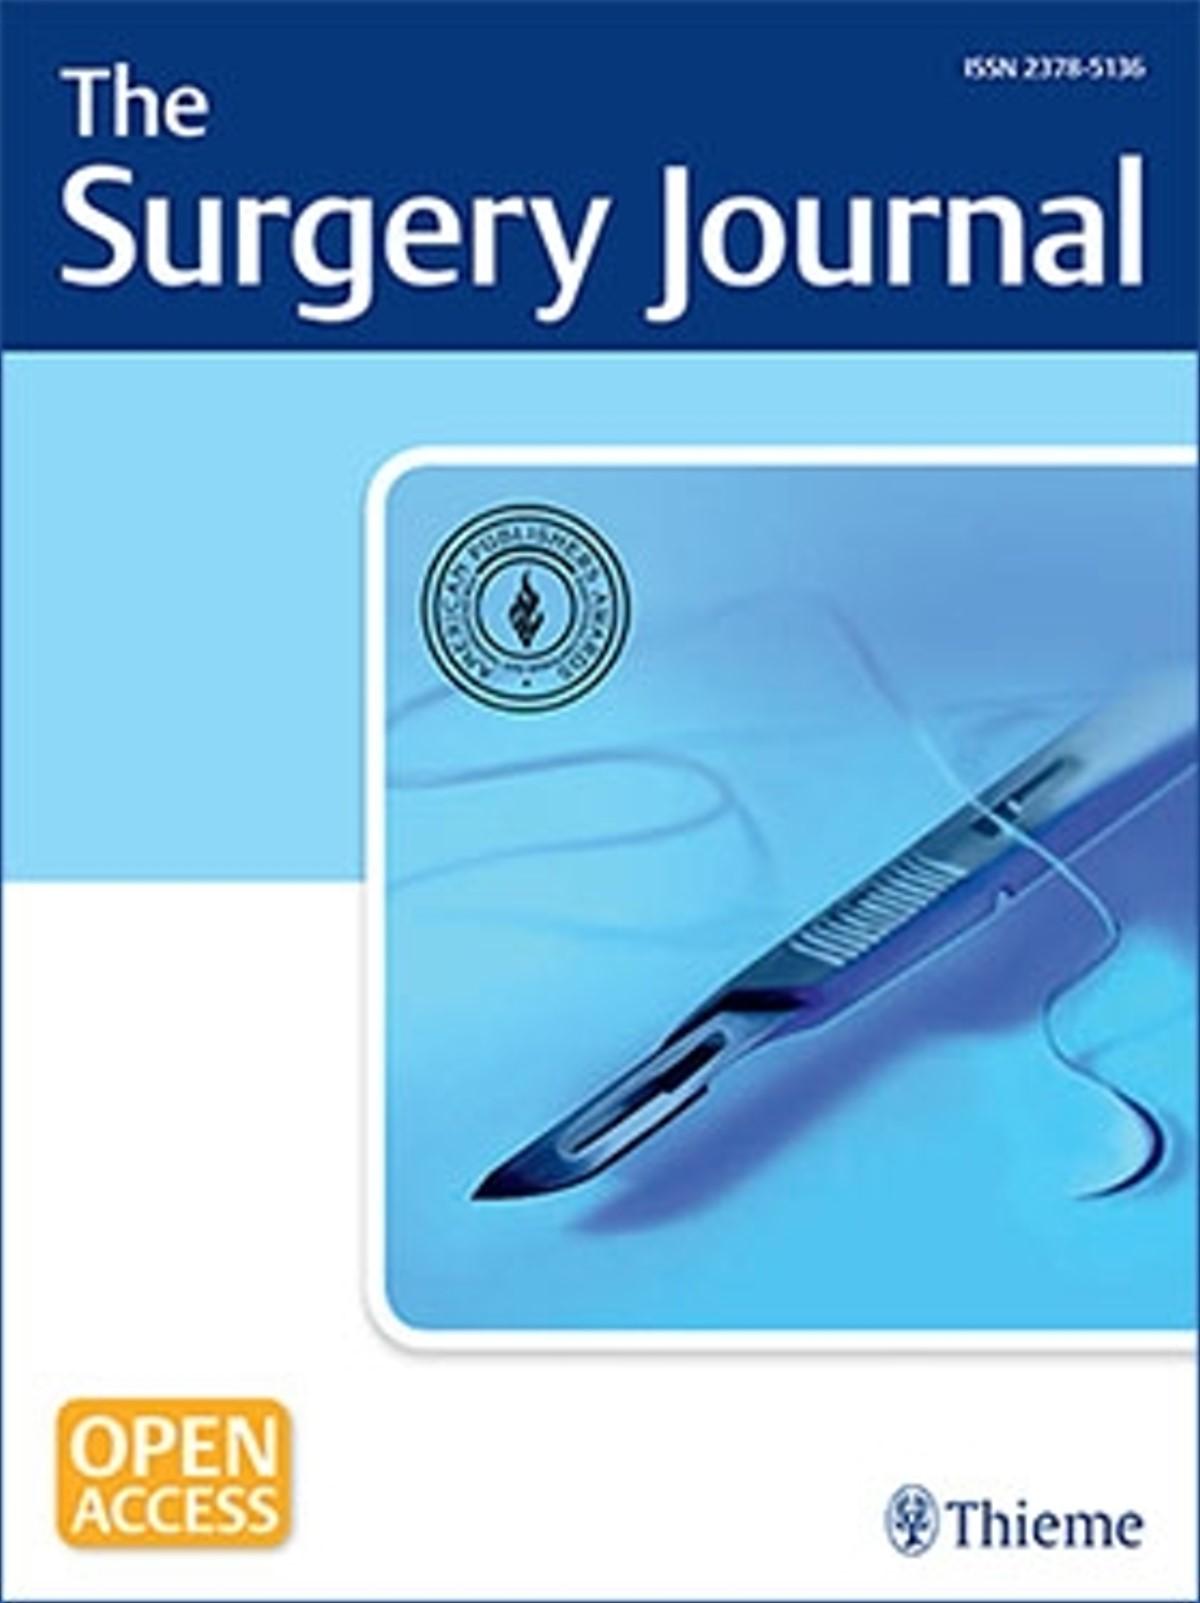 美國外科醫學期刊